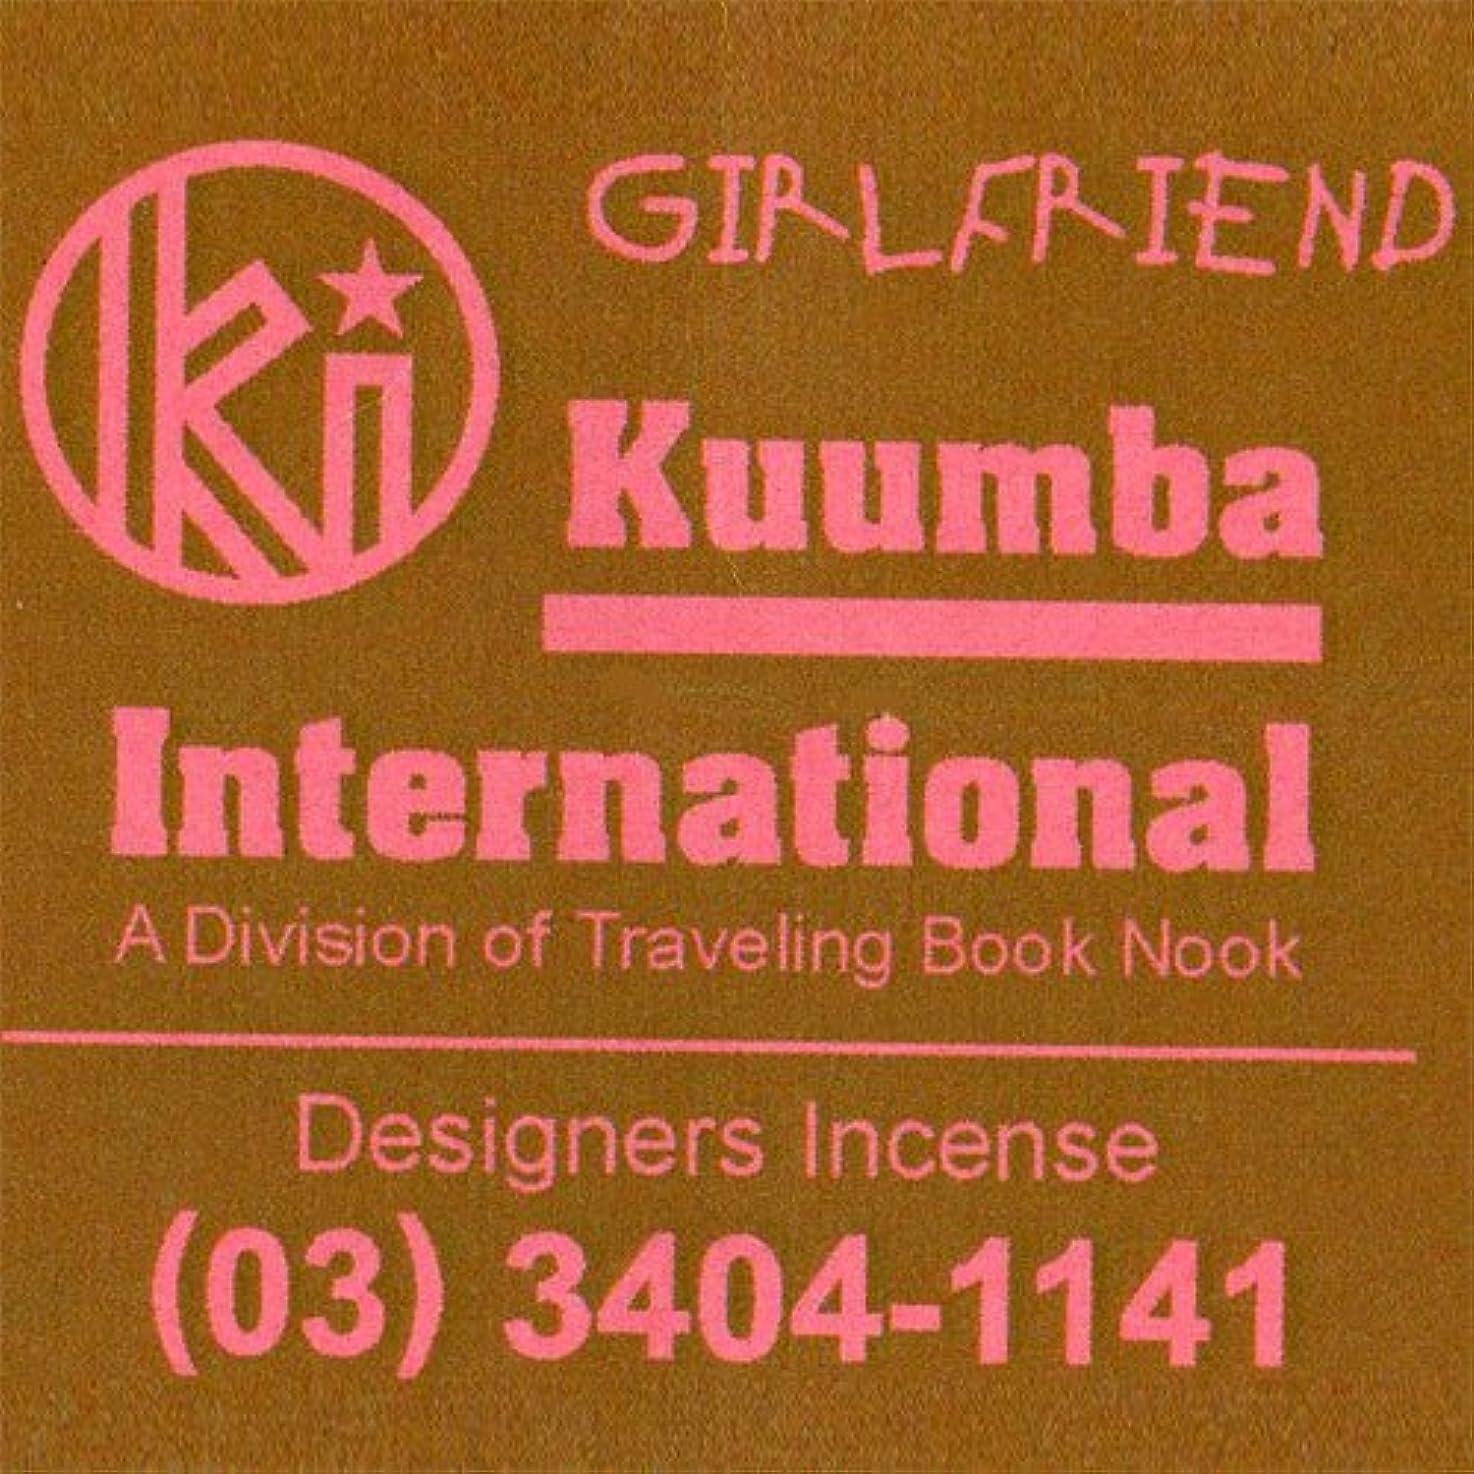 限られた慈善虚弱KUUMBA / クンバ『incense』(GIRL FRIEND) (Regular size)